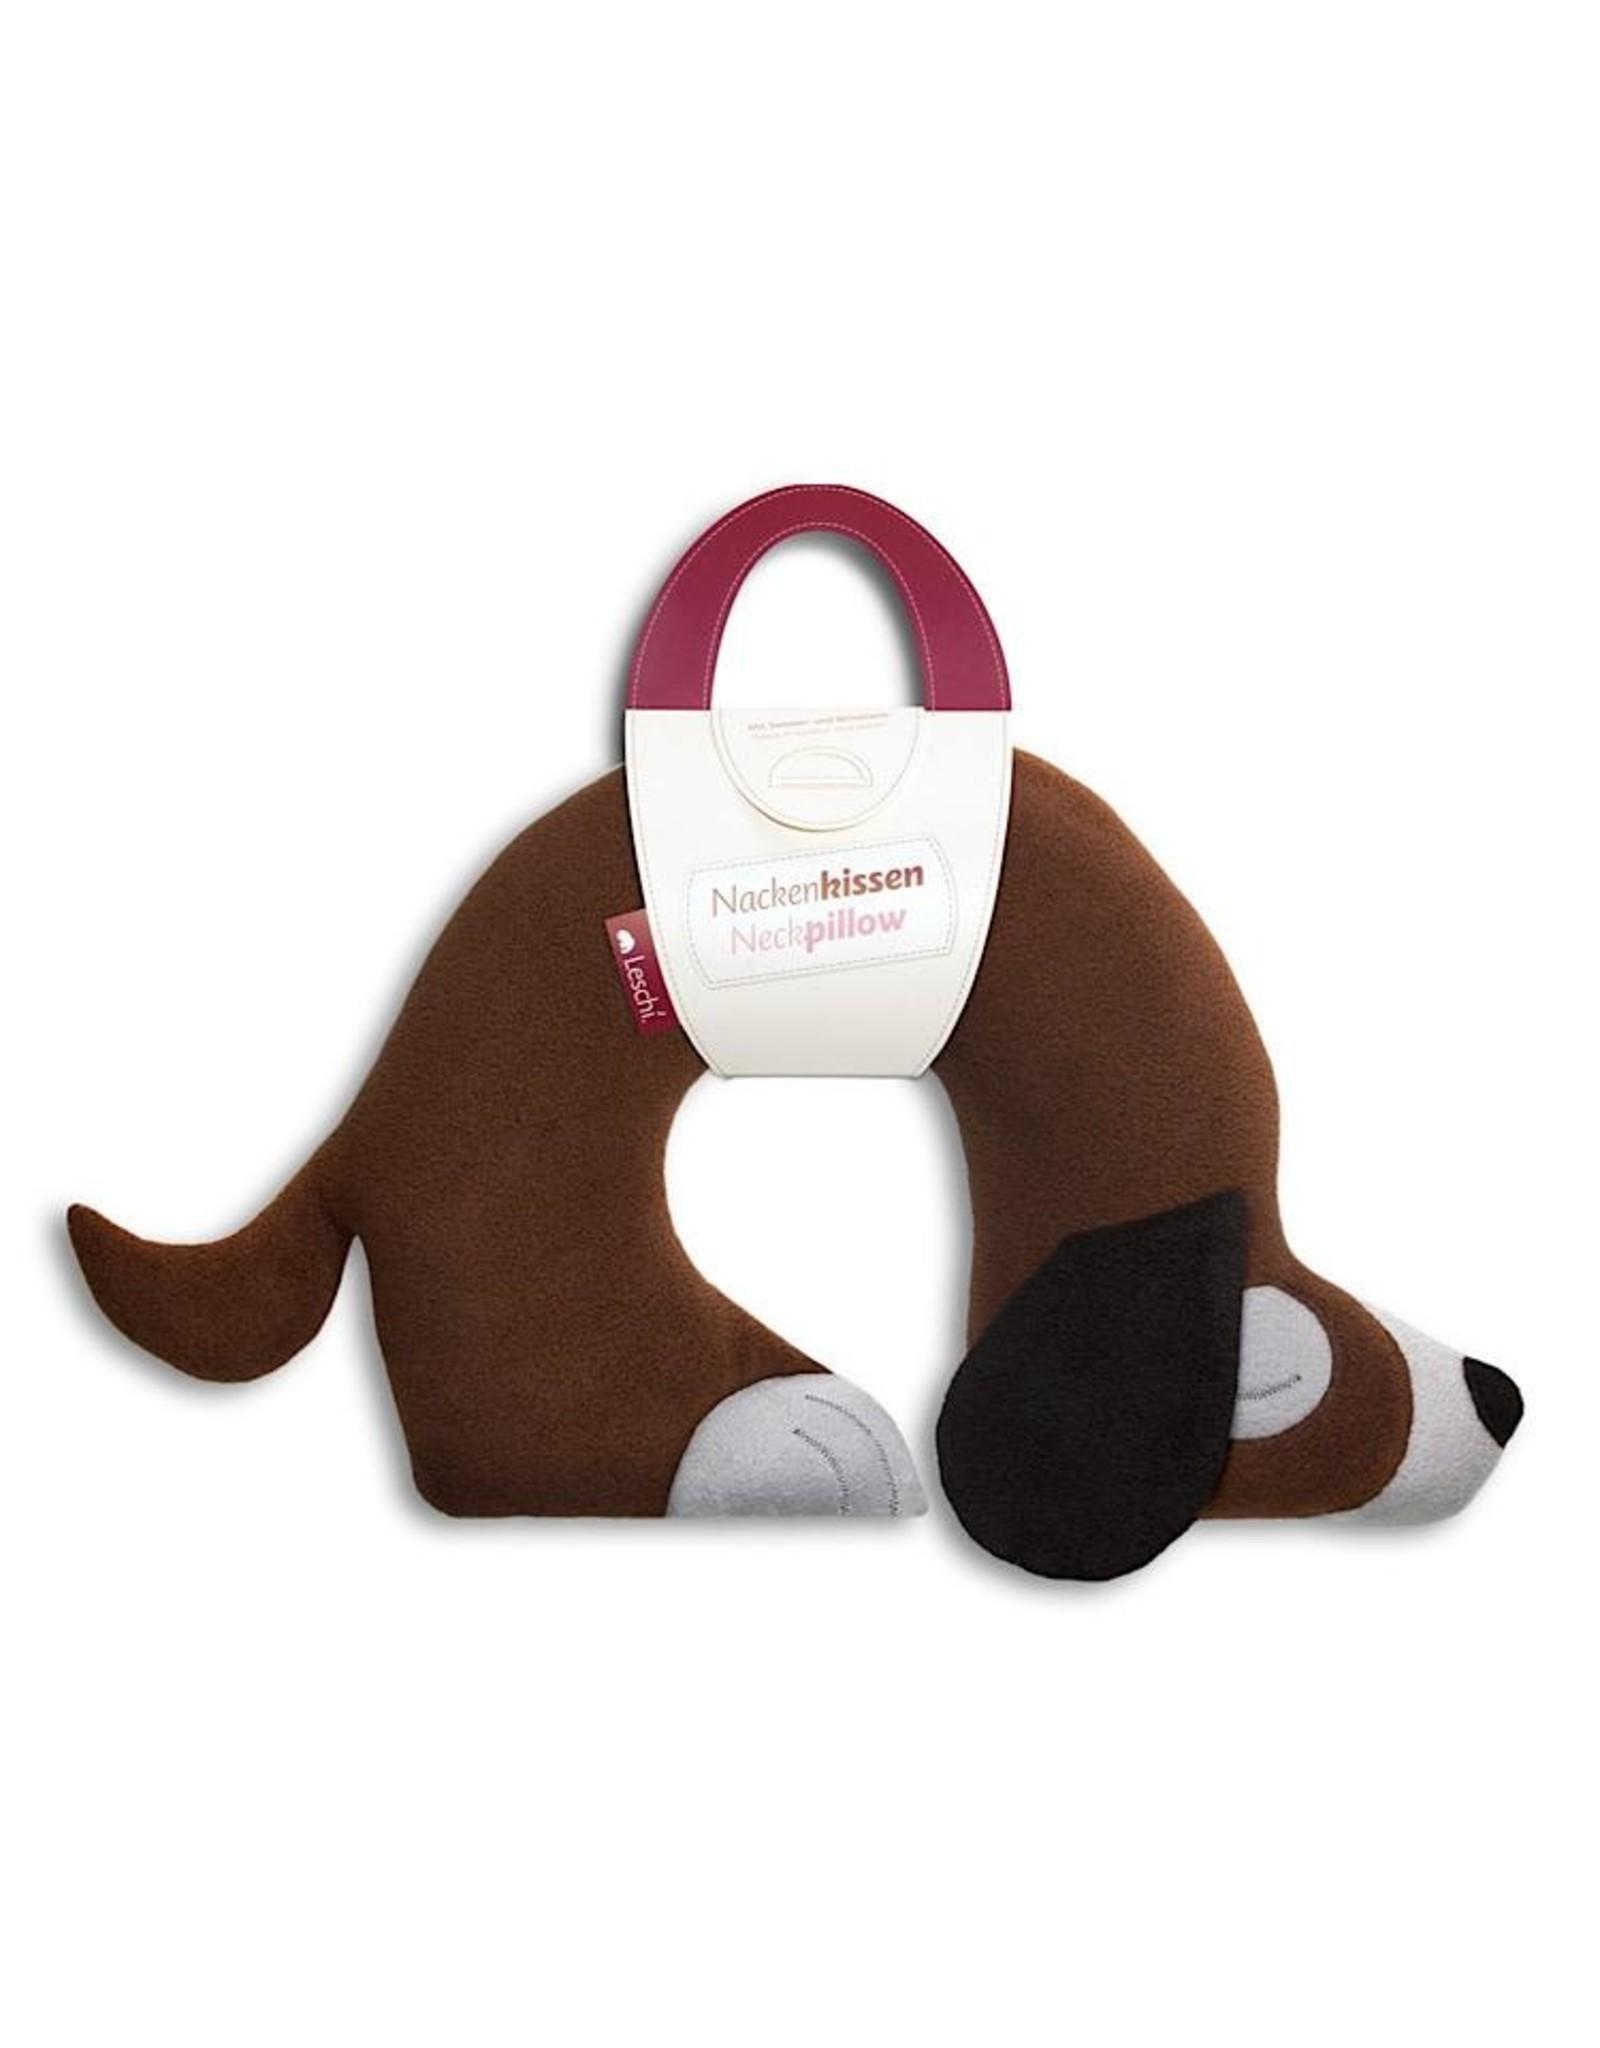 Nackenstützkissen Hund Ch schokolade Polyesterwattenfüllung